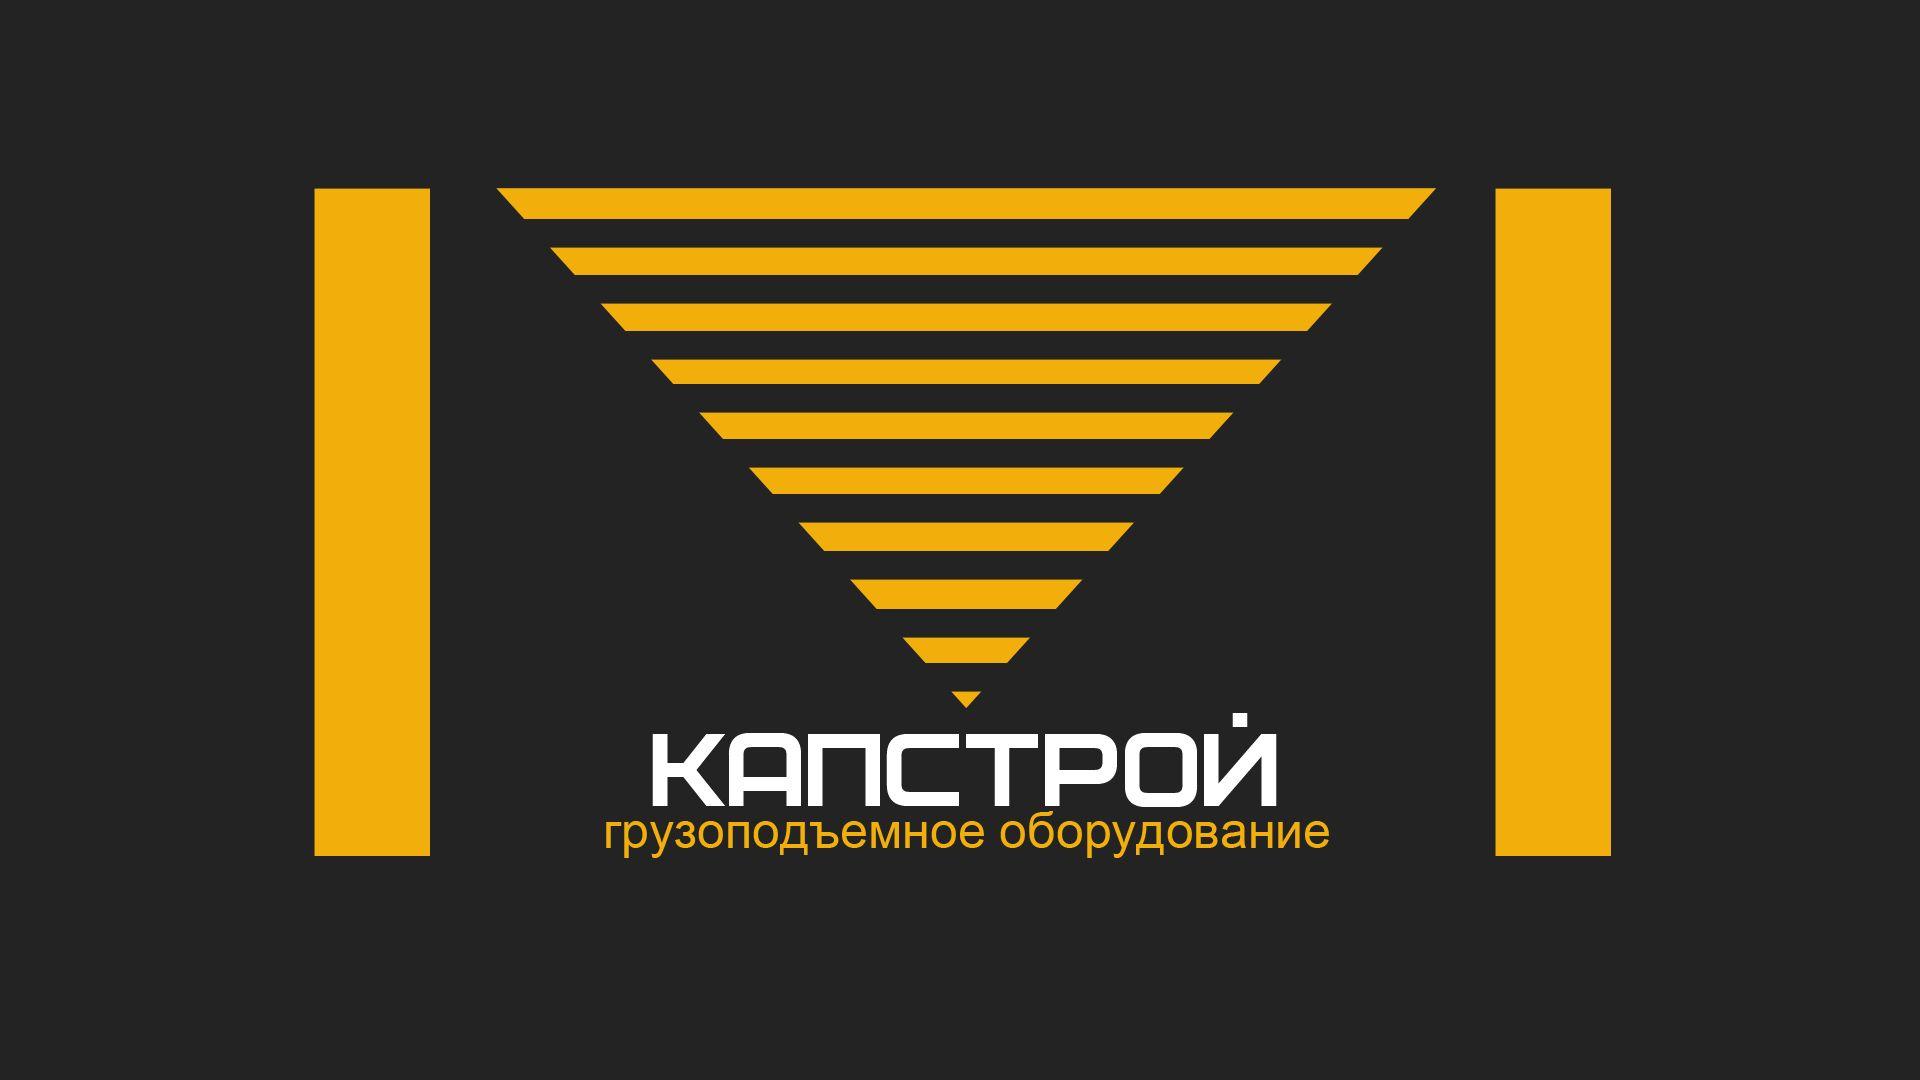 Лого и фирменный стиль для Капстрой  - дизайнер vladimir86